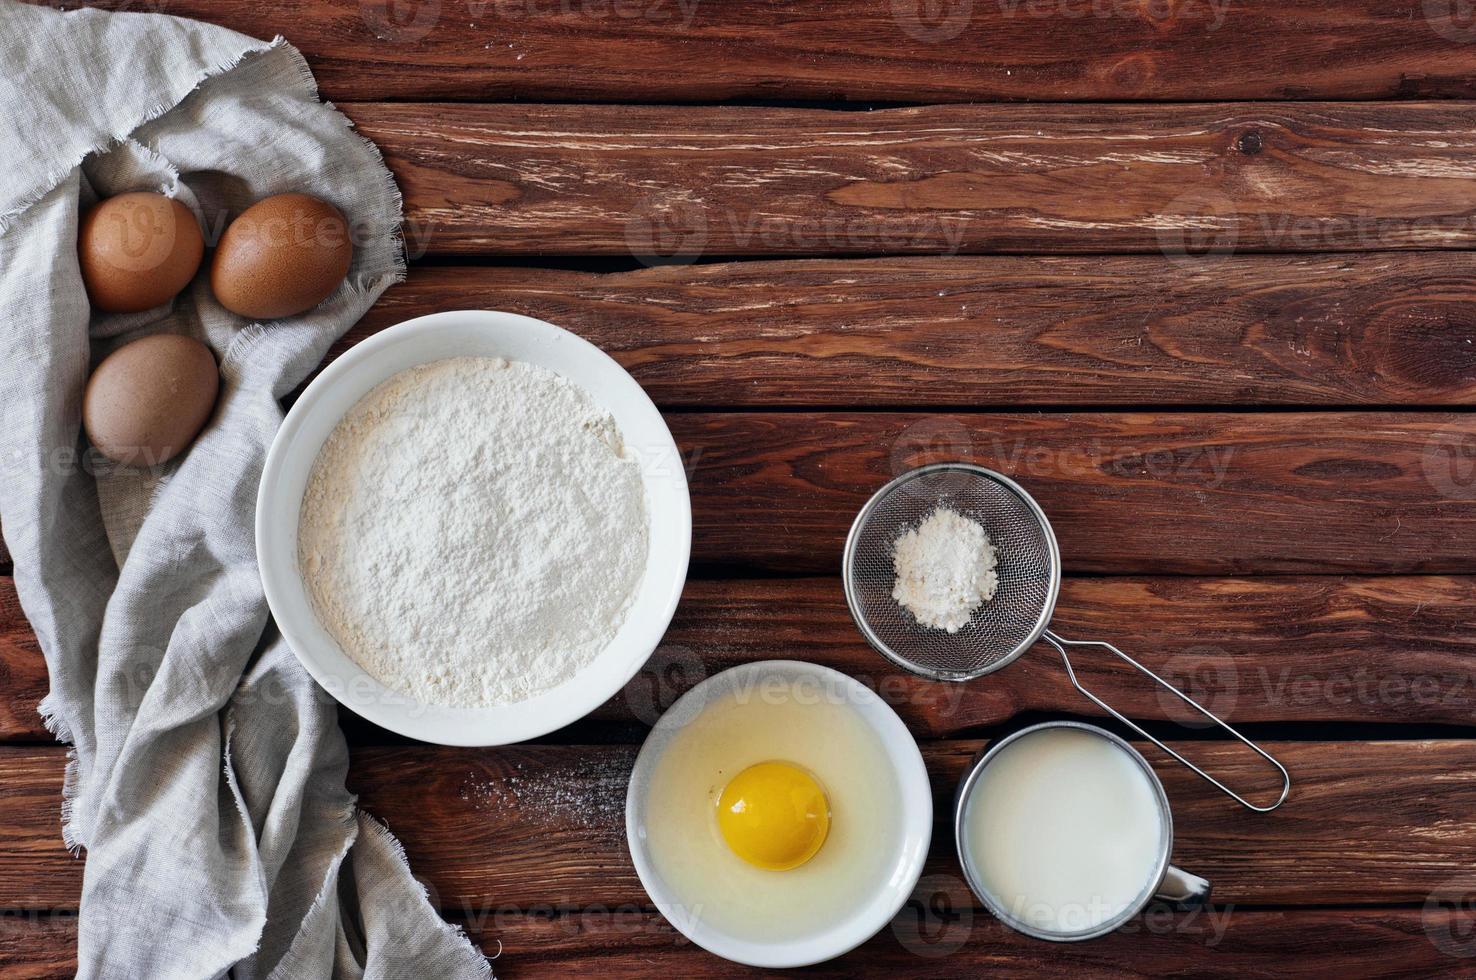 baka ingredienser foto